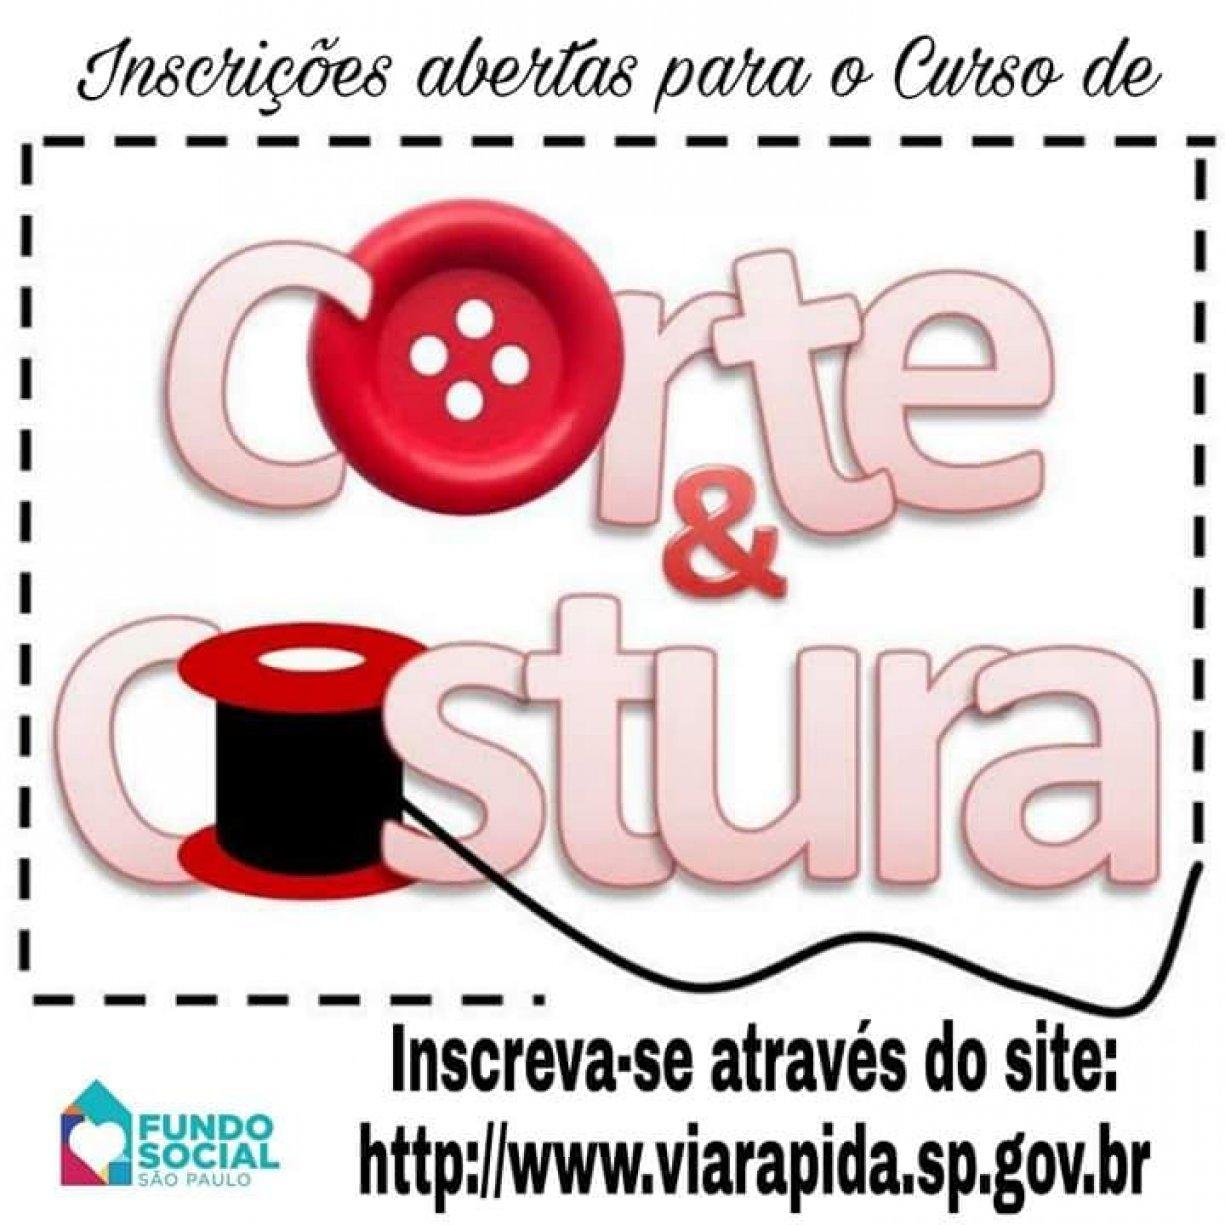 ATENÇÃO Prefeitura Municipal de Guzolândia juntamente com o Fundo Social de São Paulo traz para Guzolândia o Curso de Corte e Costura.